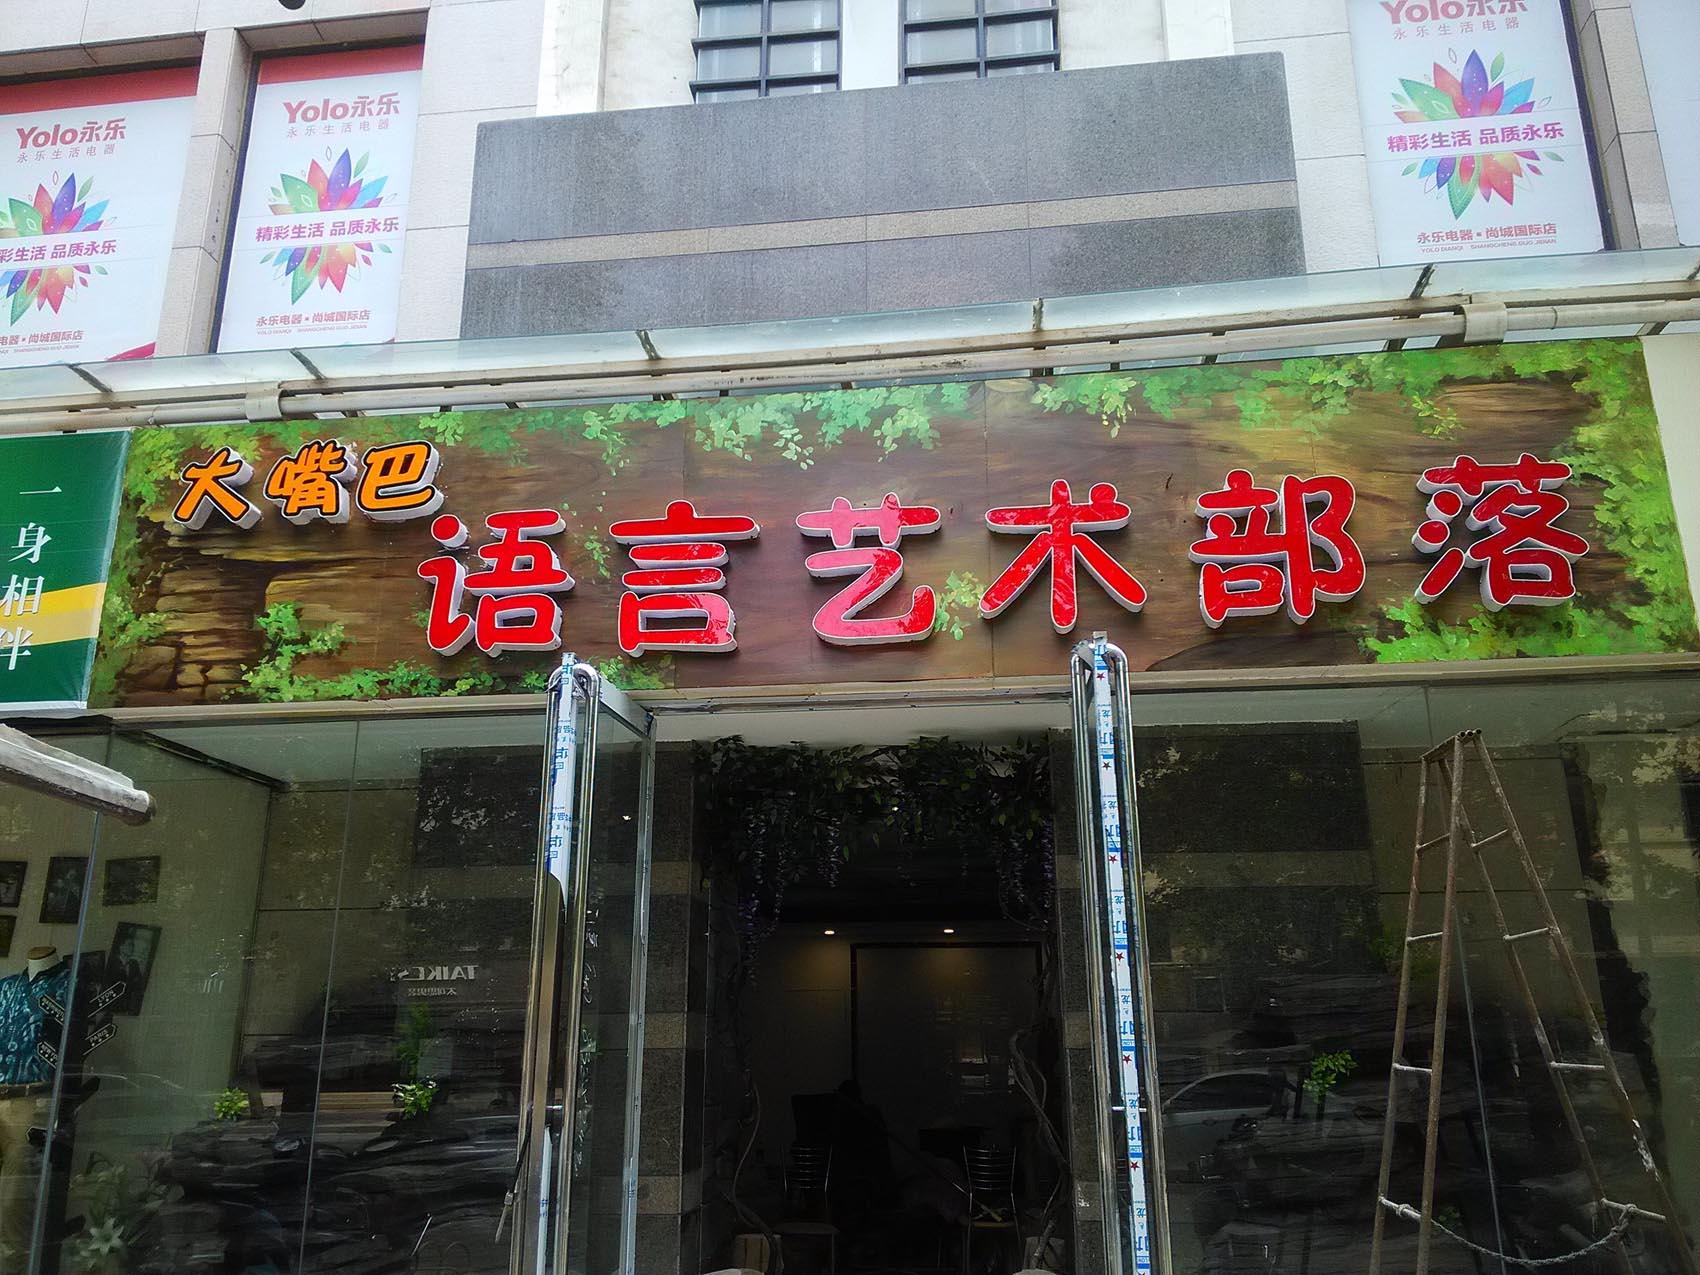 【千层石水泥雕塑项目案例】——郑州大嘴巴语言艺术部落